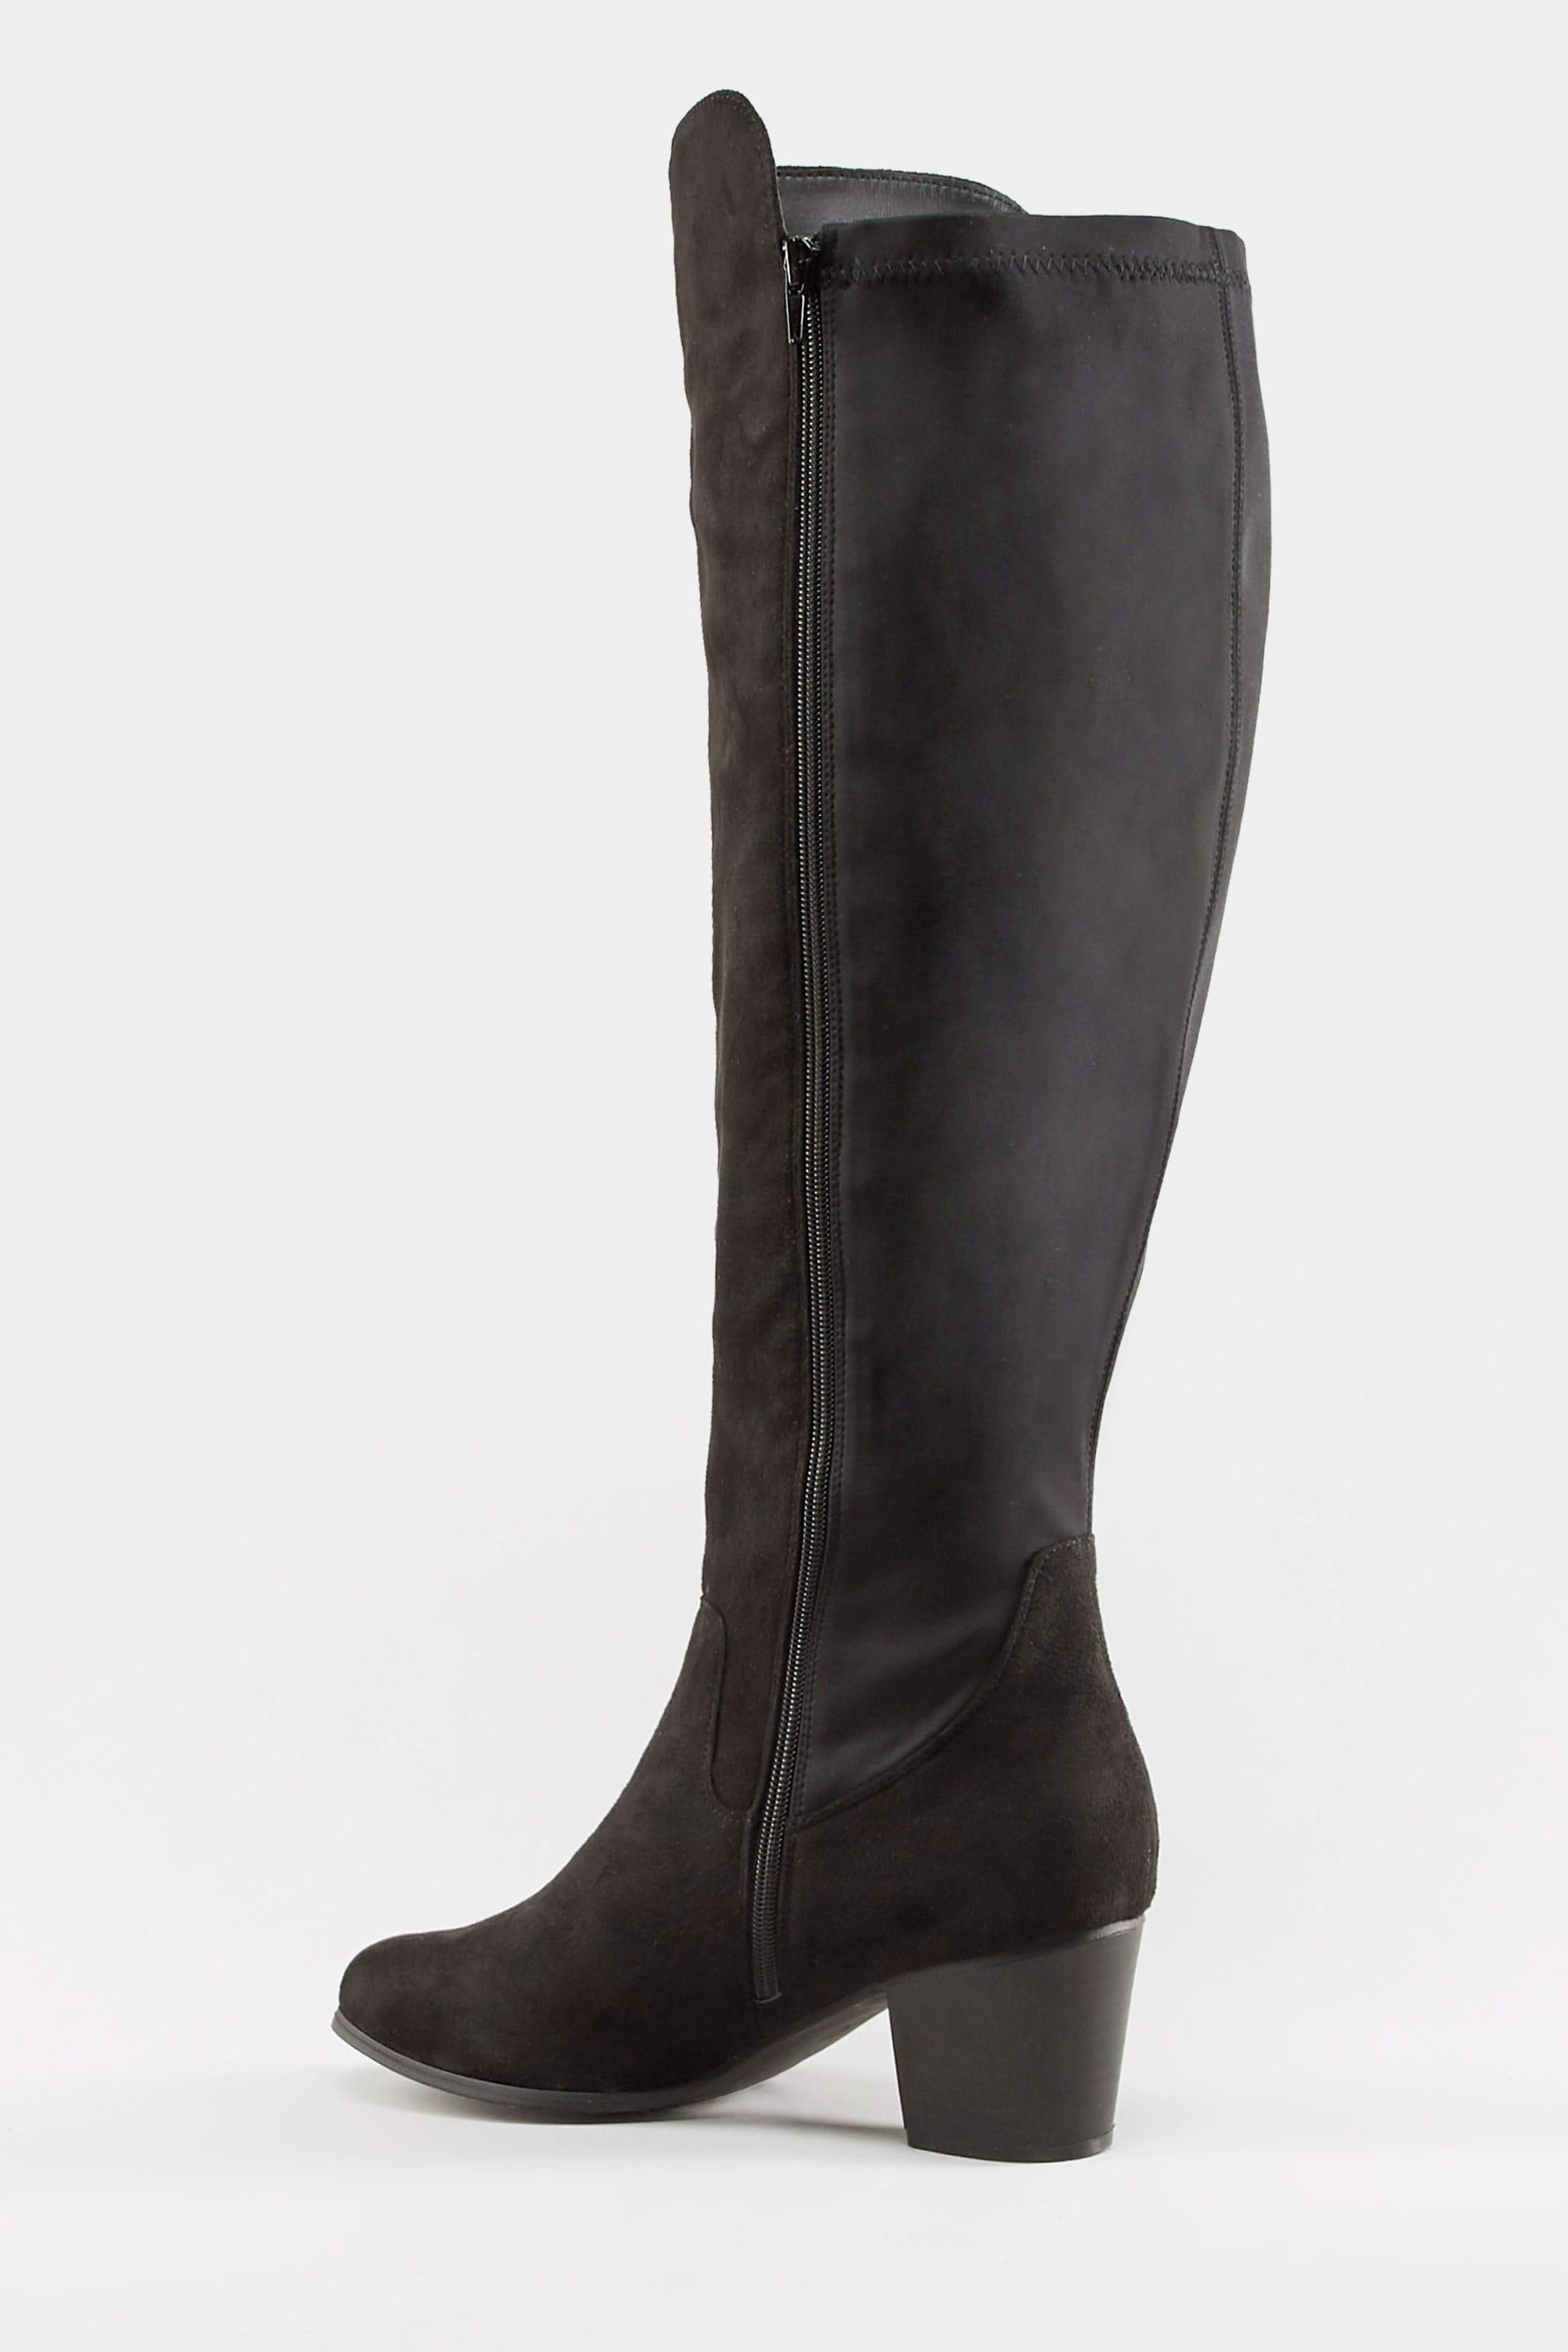 Schwarze Kneehigh Stiefel mit Absatz, Reißverschluss & weiter Passform EEE Fit